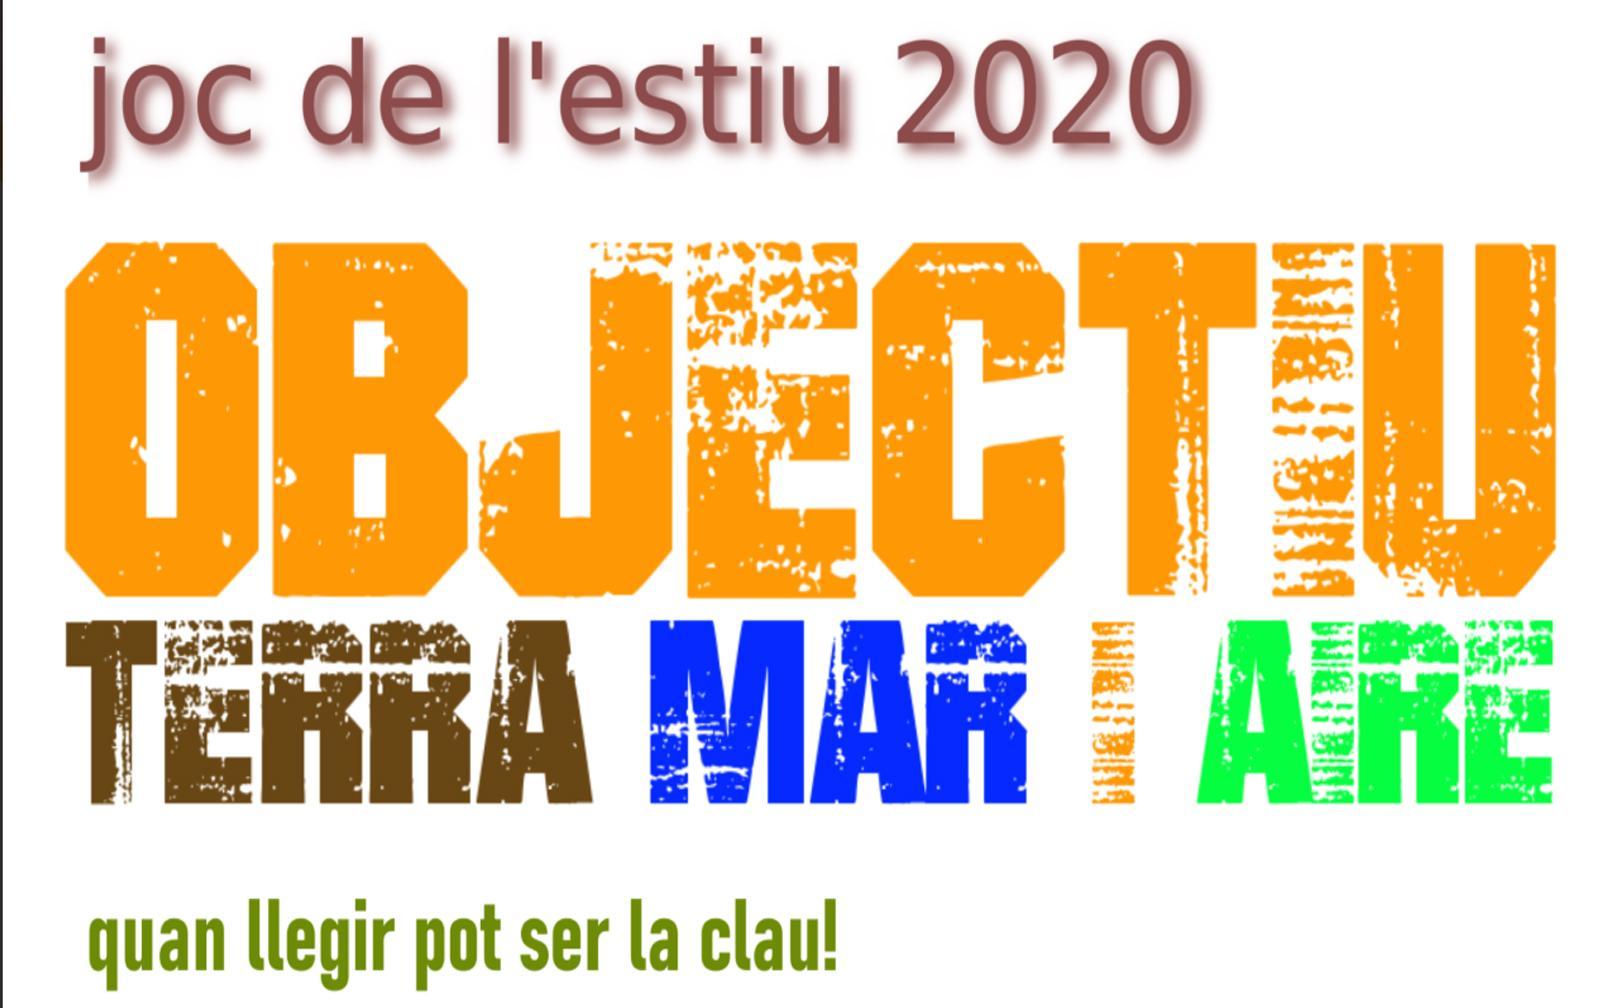 Biblioteques Municipals de Reus: Dia del Medi Ambient - Presentació del joc de lectura d'estiu